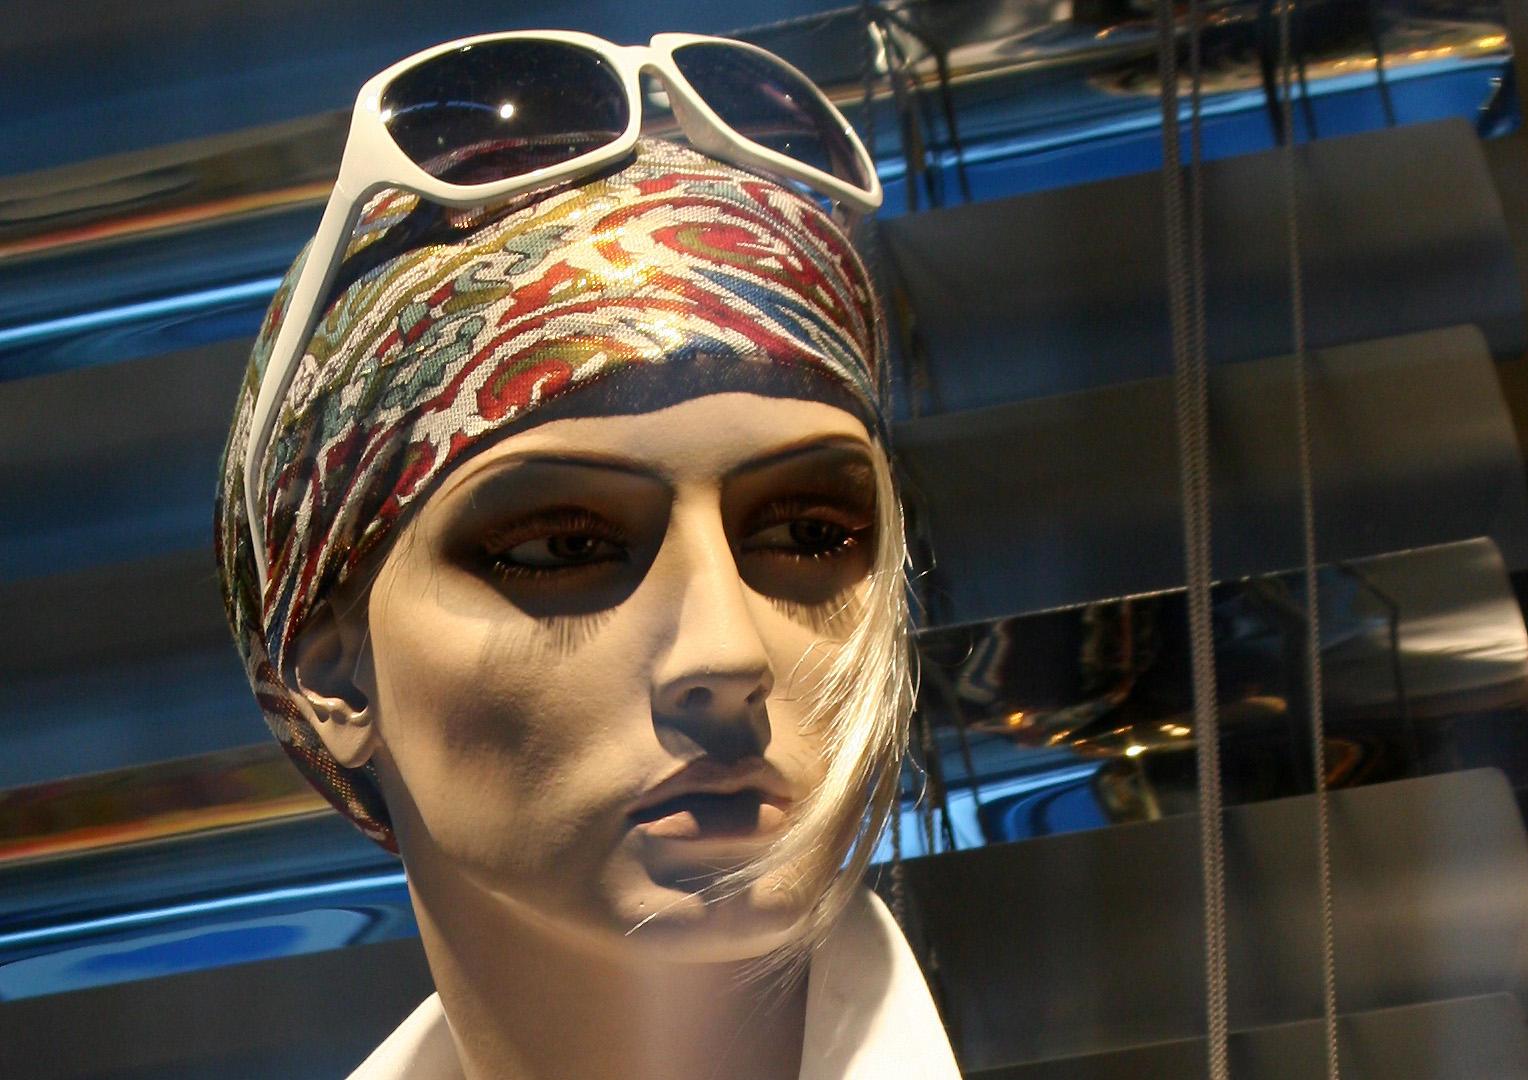 Store Mannequin